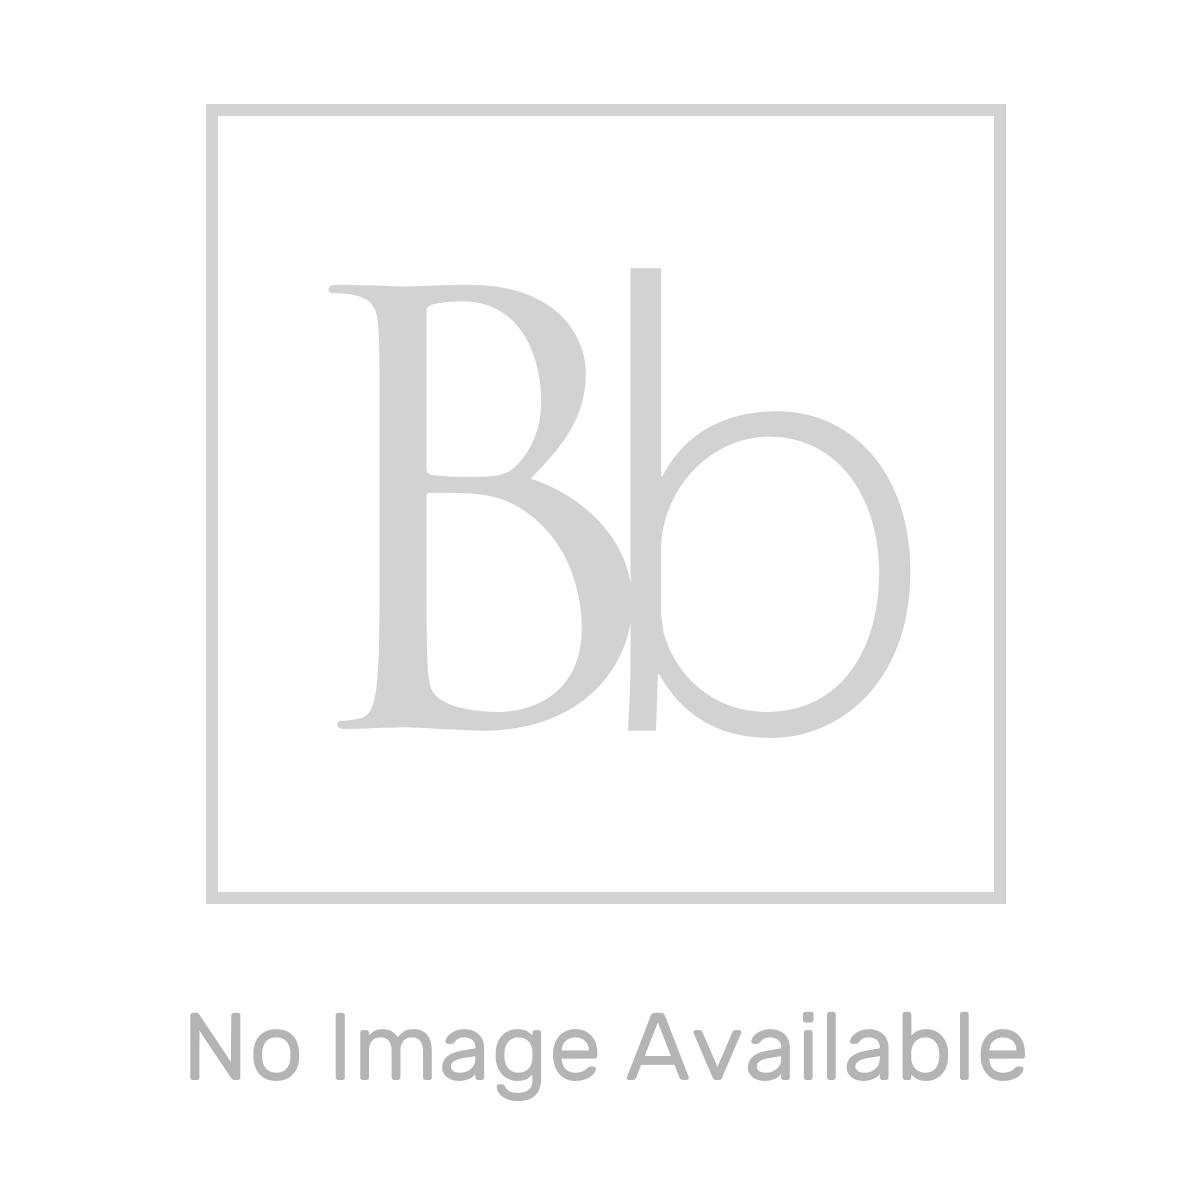 BTL Sherbourne Low Level Toilet